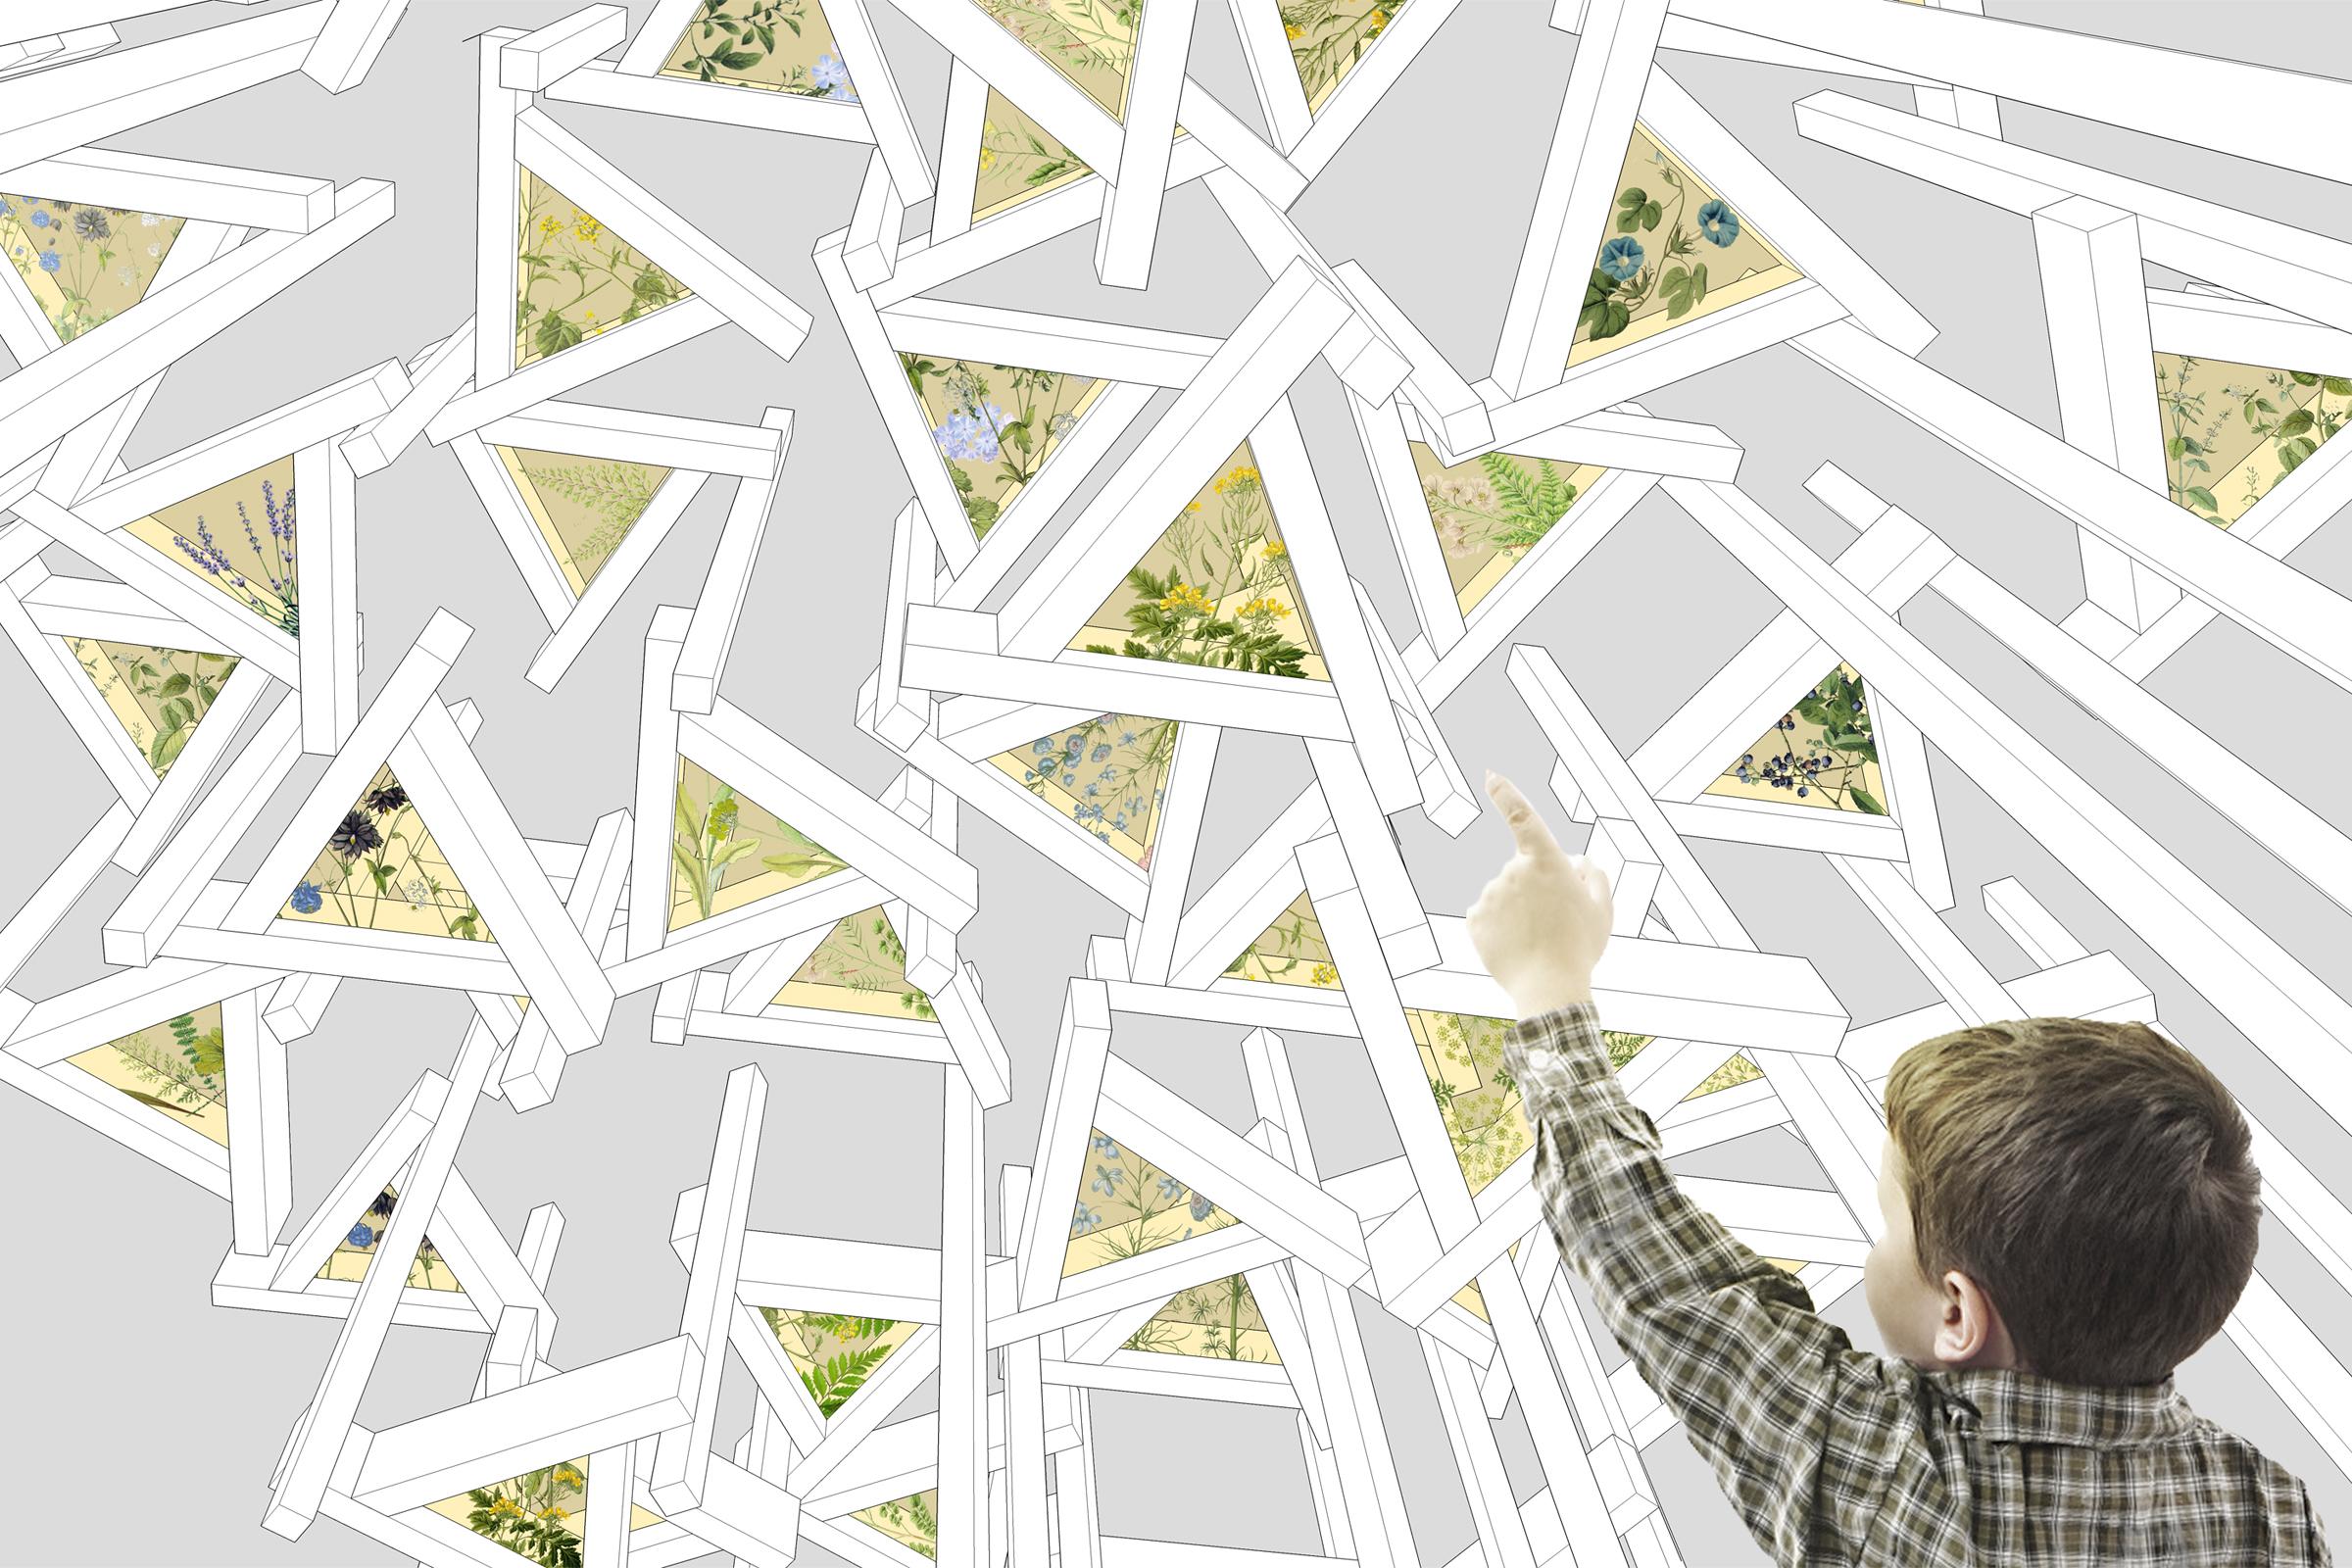 FSOARK-Eyepiece-Sukkot_Collage 2400x1600.jpg